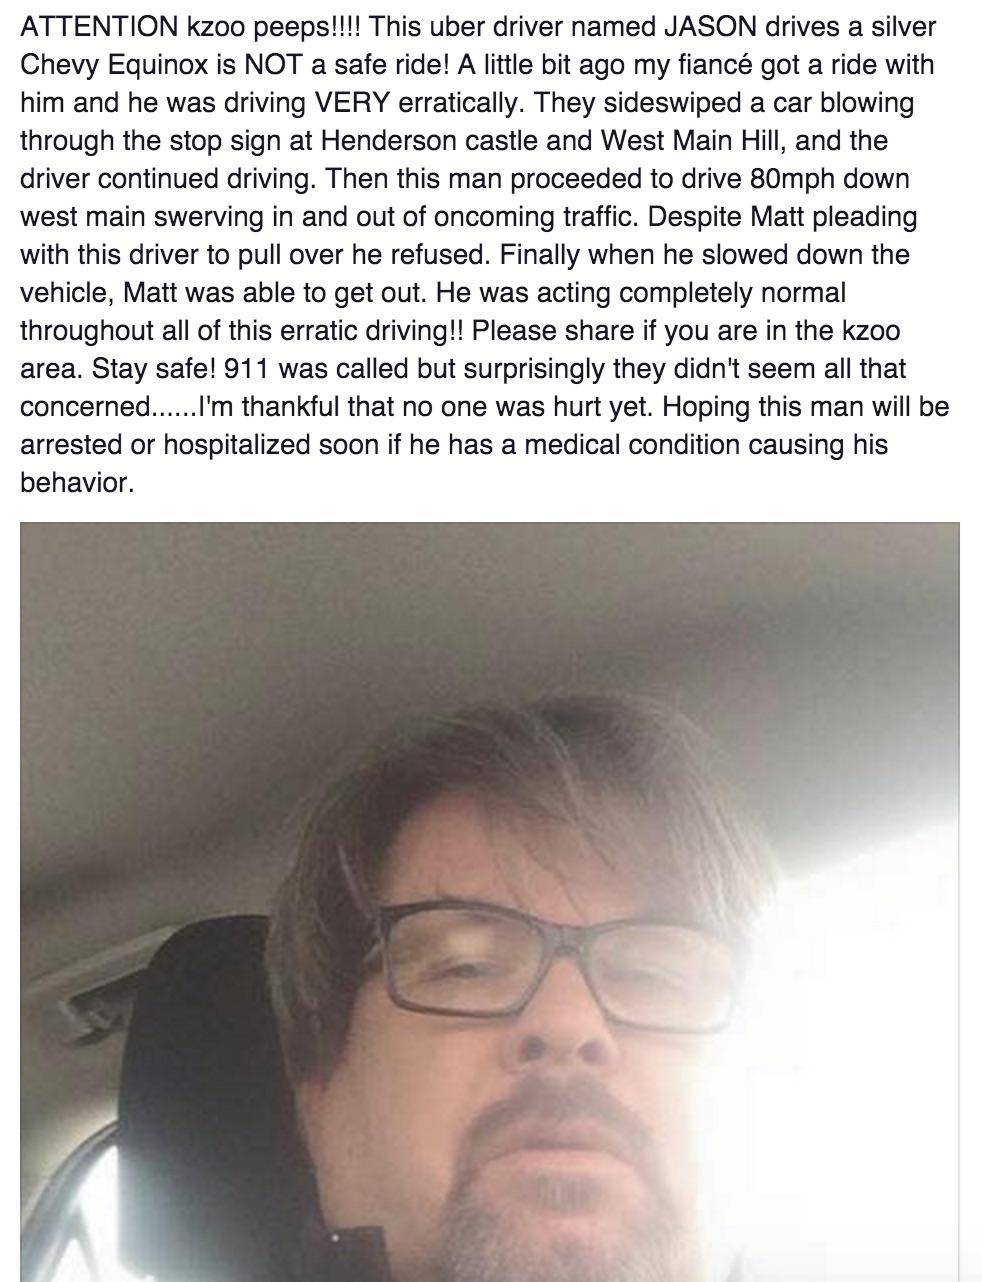 Jason Dalton uber, kalamazoo uber suspect, jason dalton kalamazoo uber